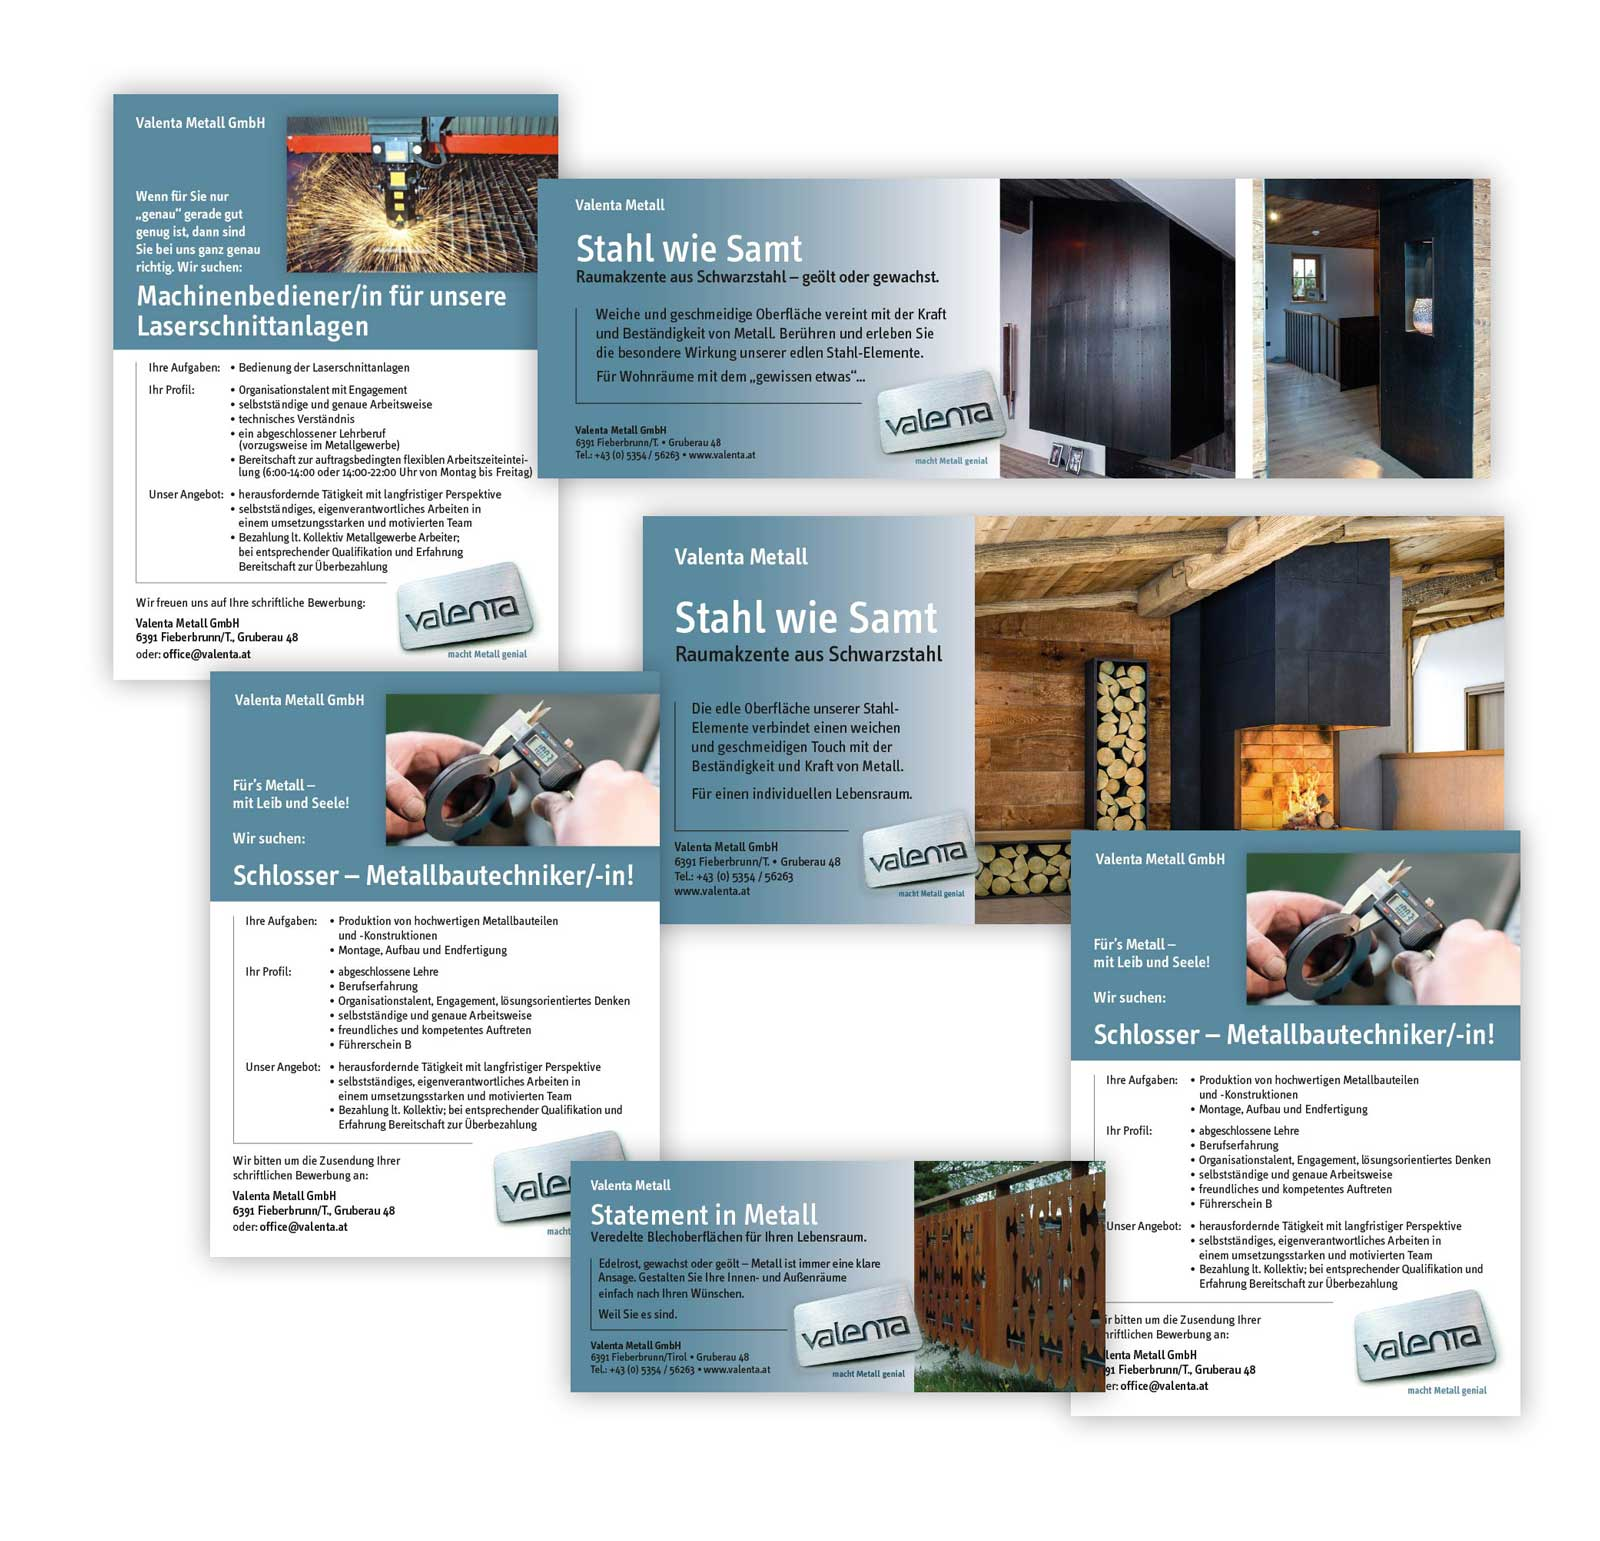 Valenta Metall GmbH: Anzeigen